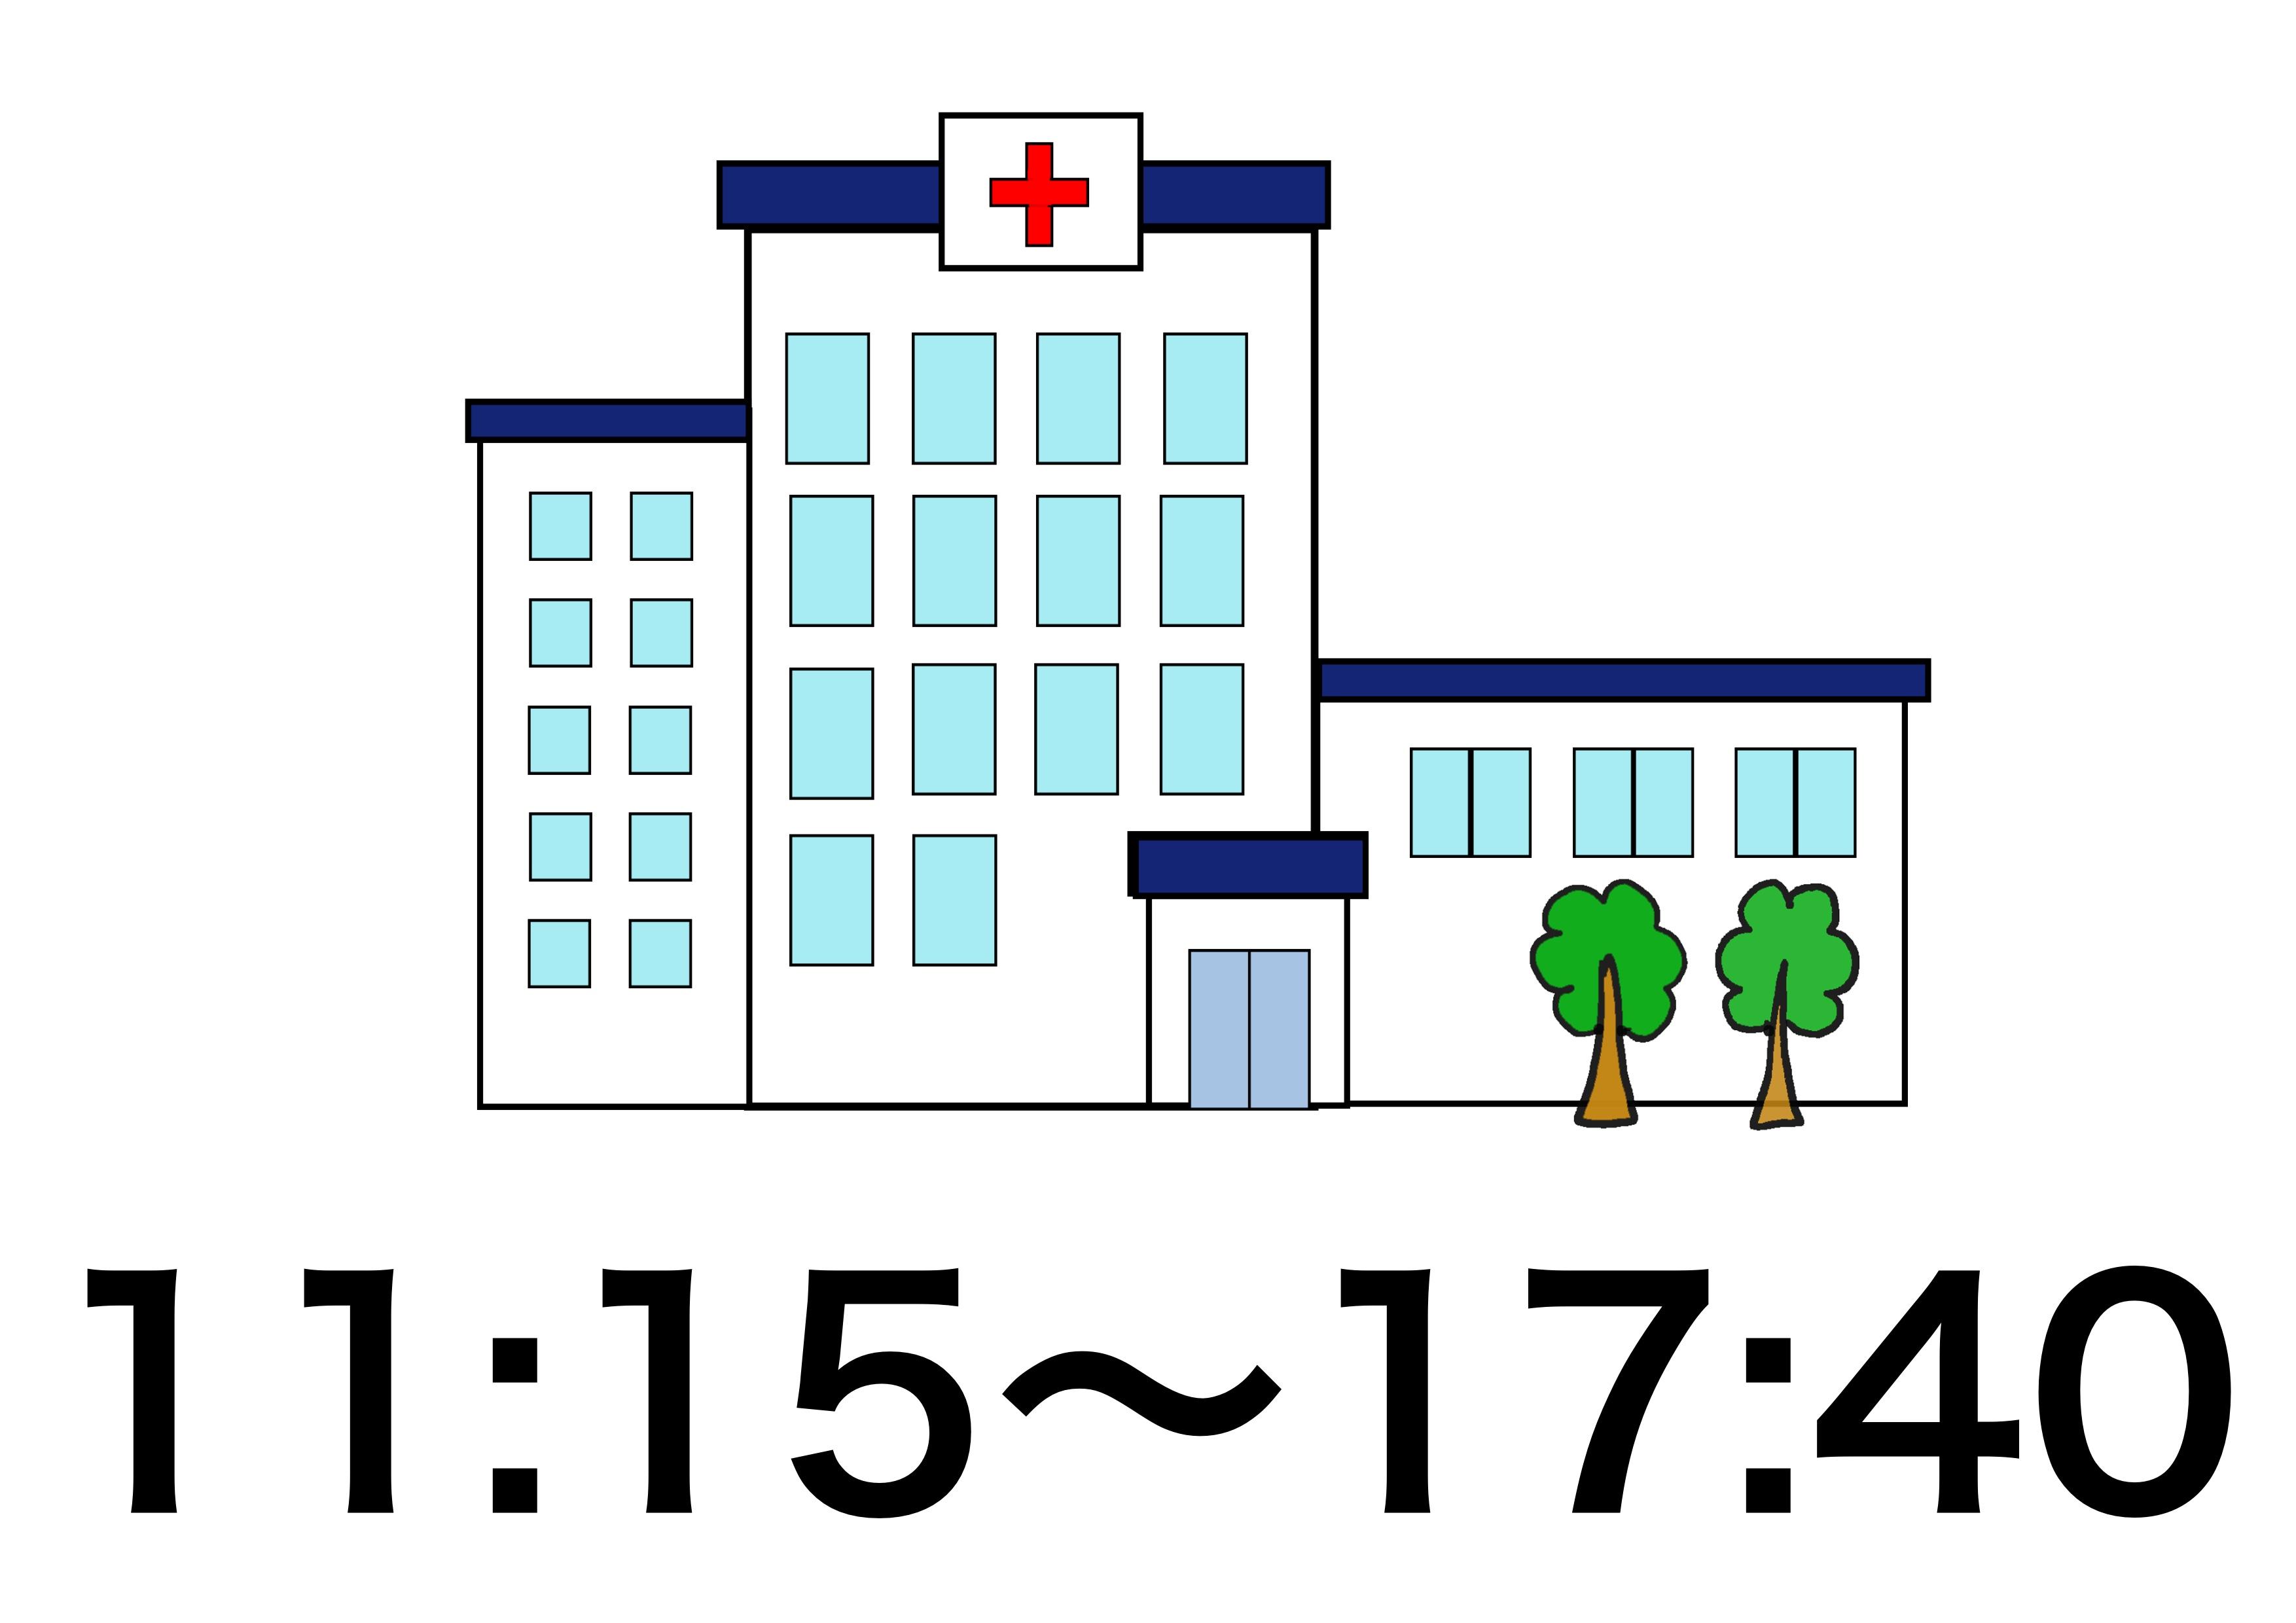 4課イラスト【病院】